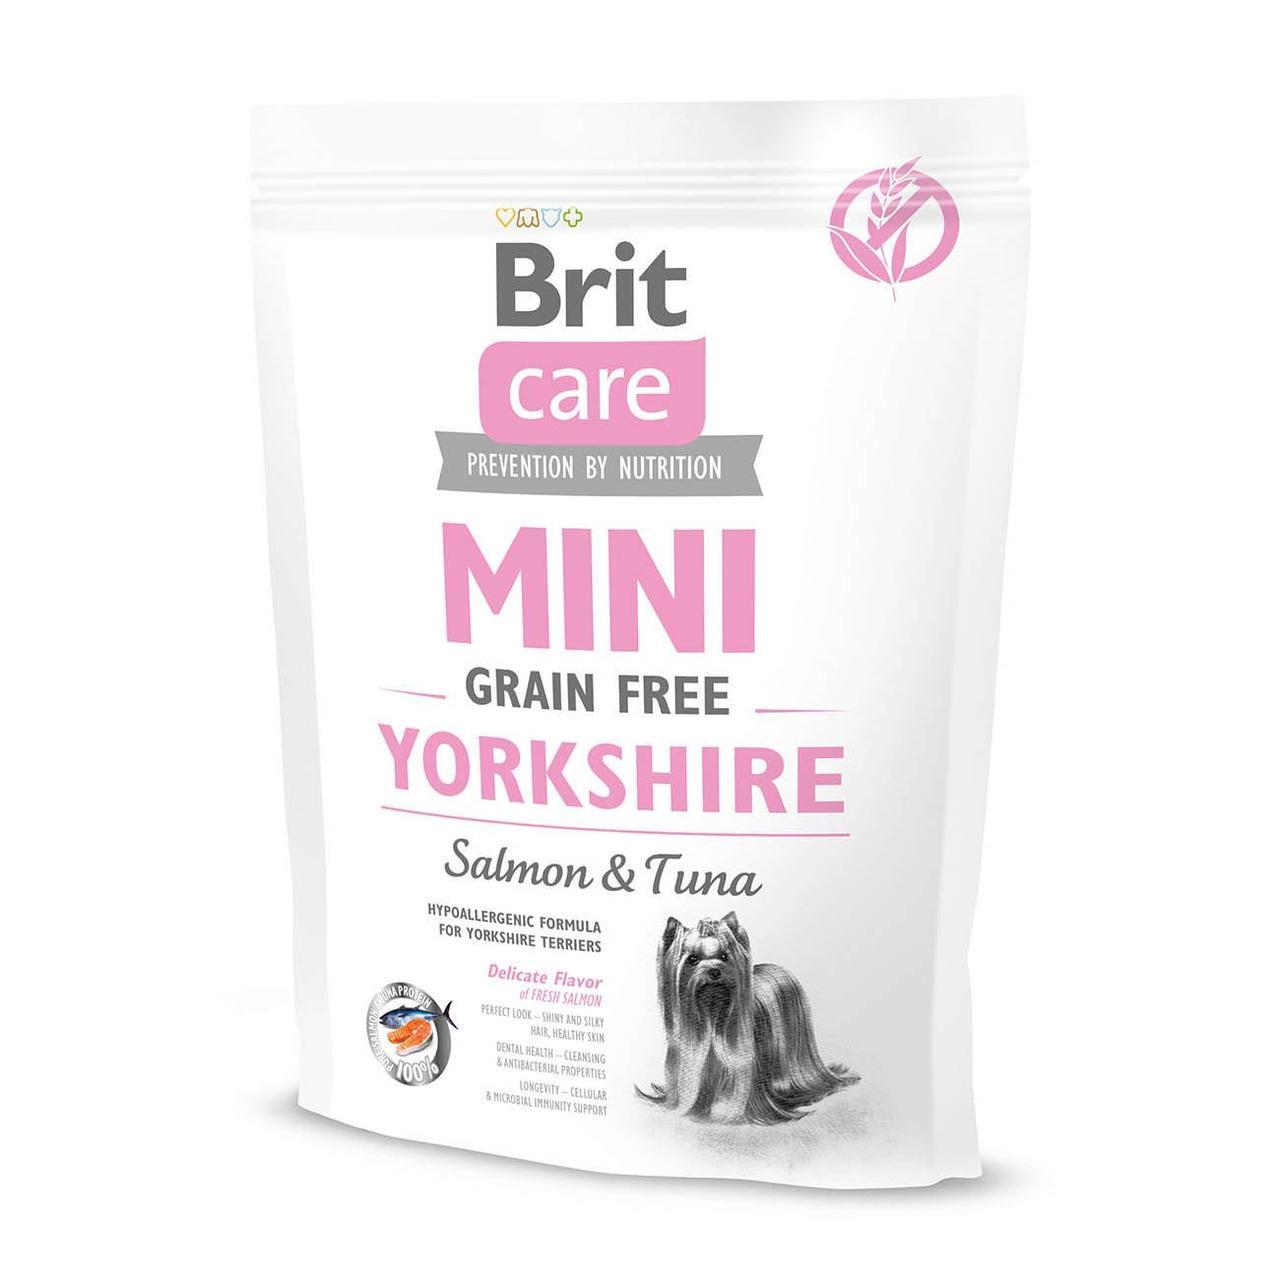 Сухой корм для йоркширских терьеров Brit Care Mini GF Yorkshire 400 г (лосось и тунец)